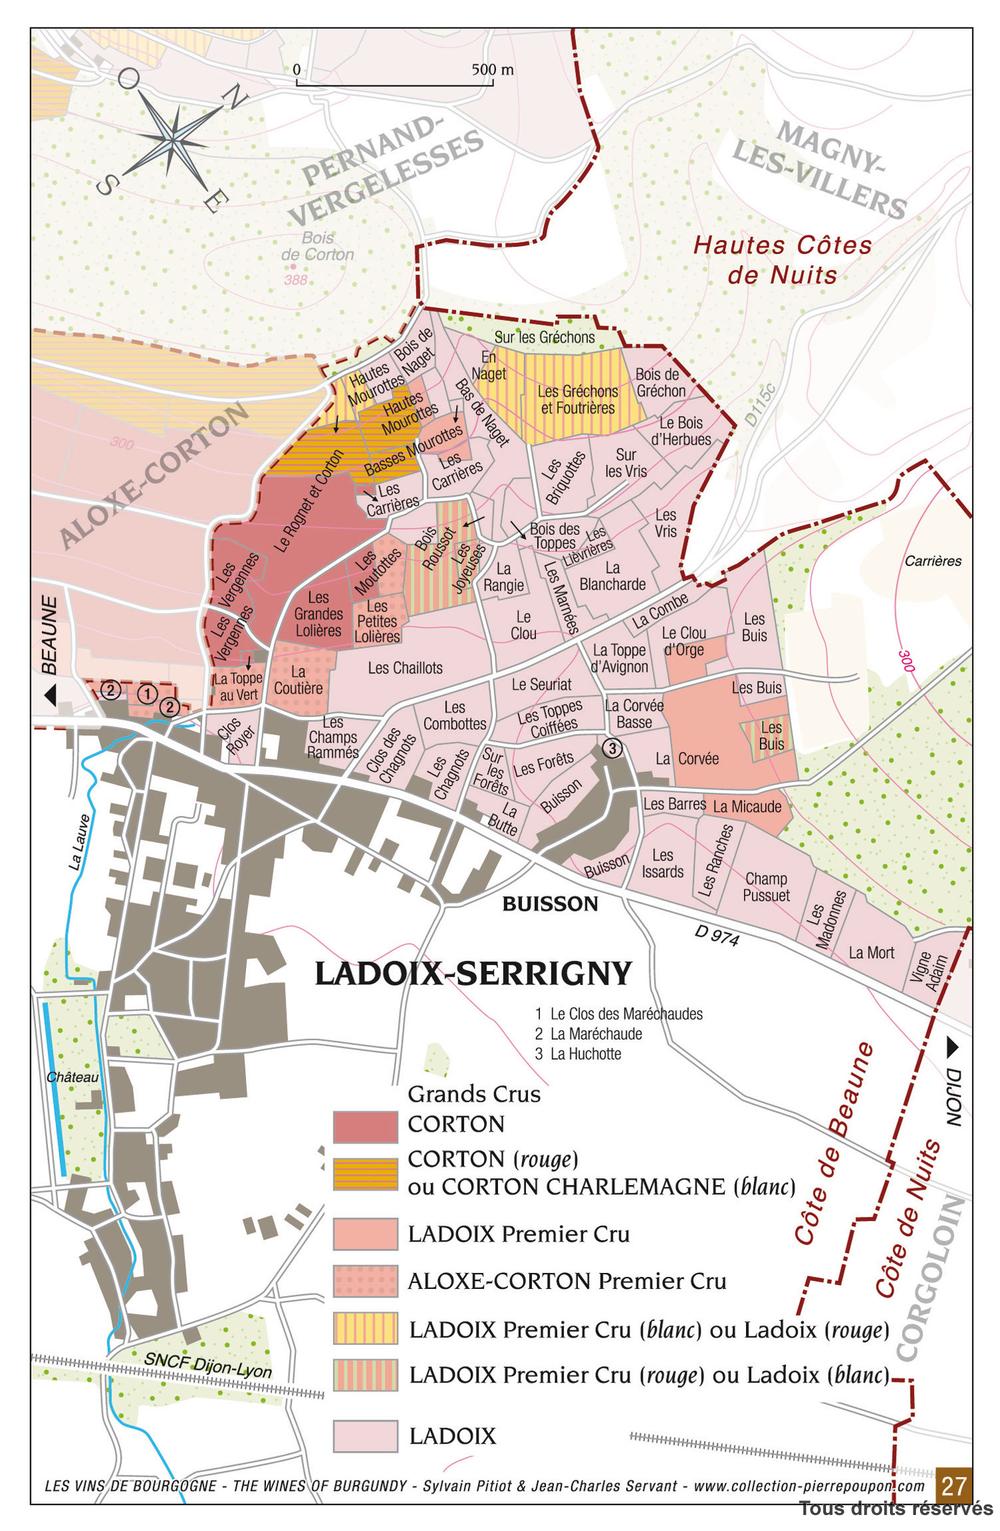 LADOIX-SERRIGNY